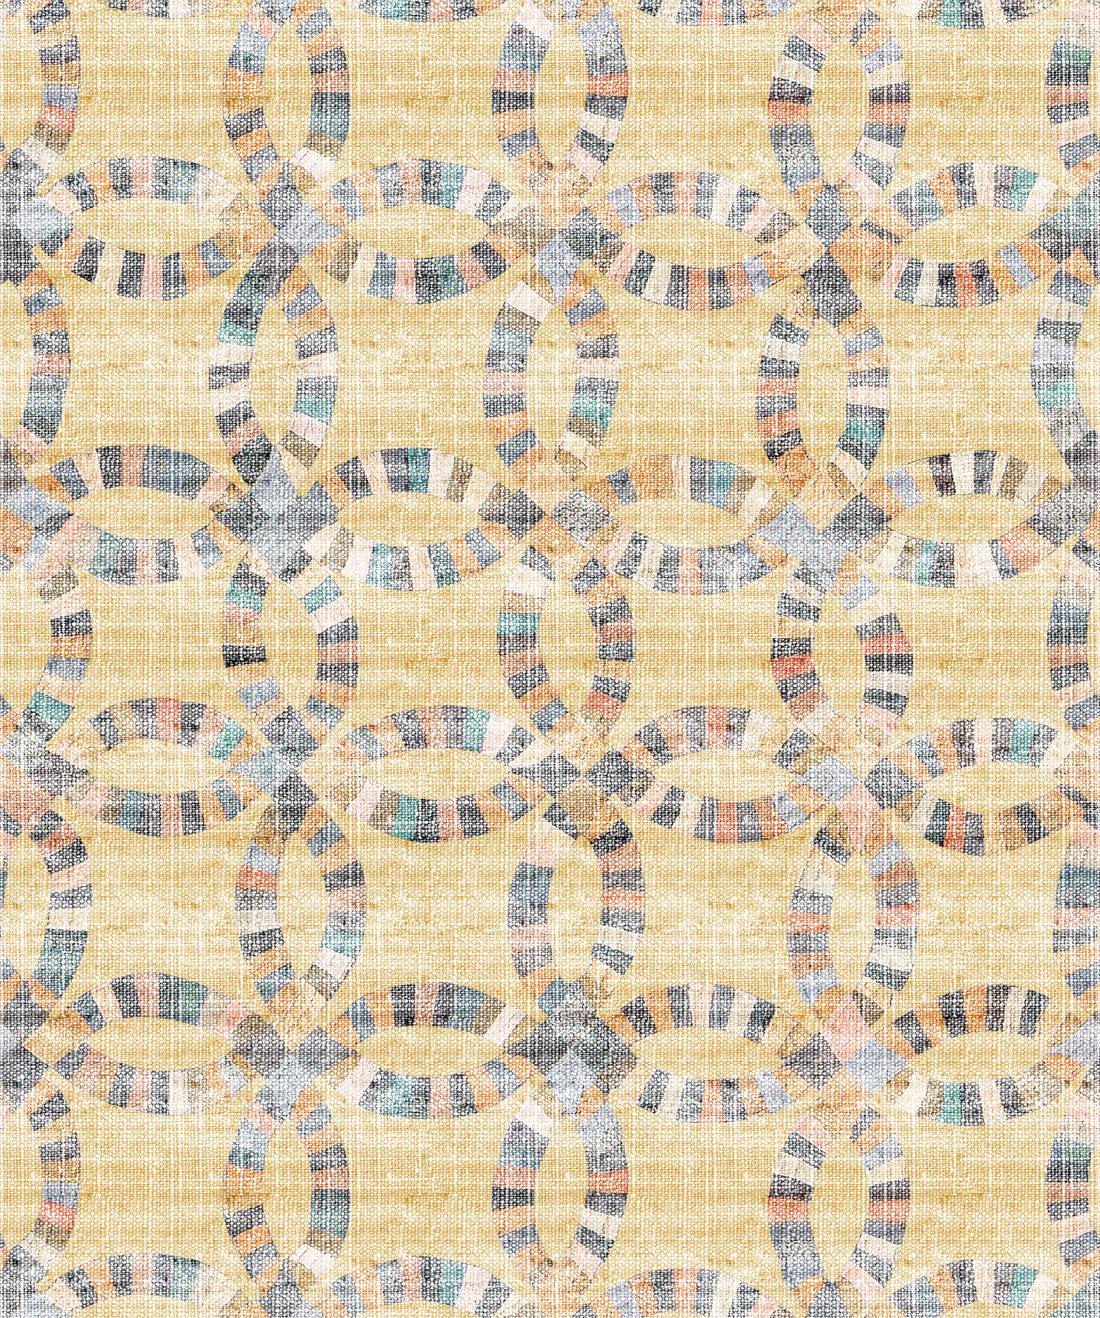 Sixhands - Alabama Wallpaper